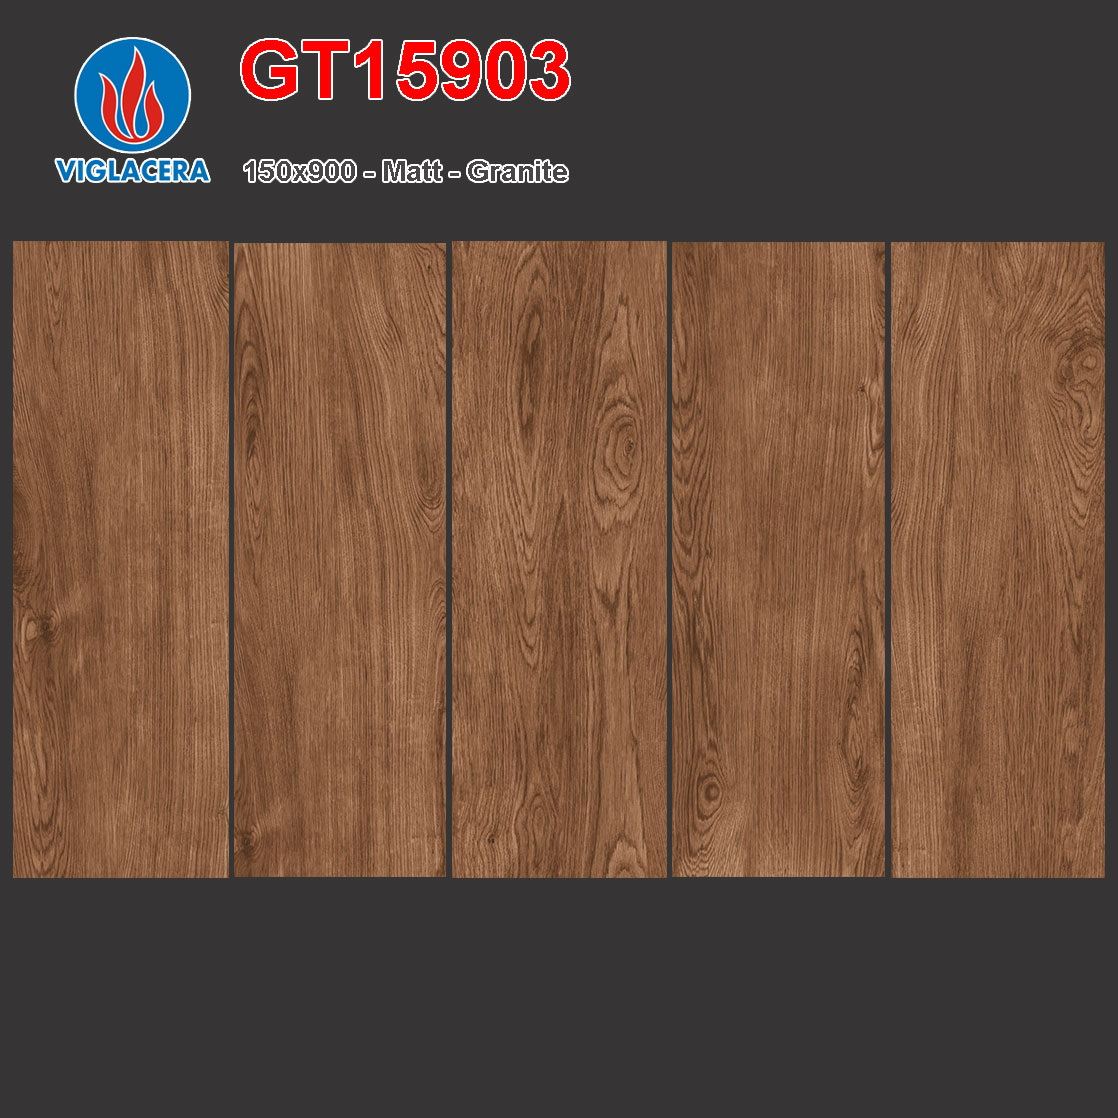 Gạch lát vân gỗ 150x900 Viglacera GT15903 giá rẻ